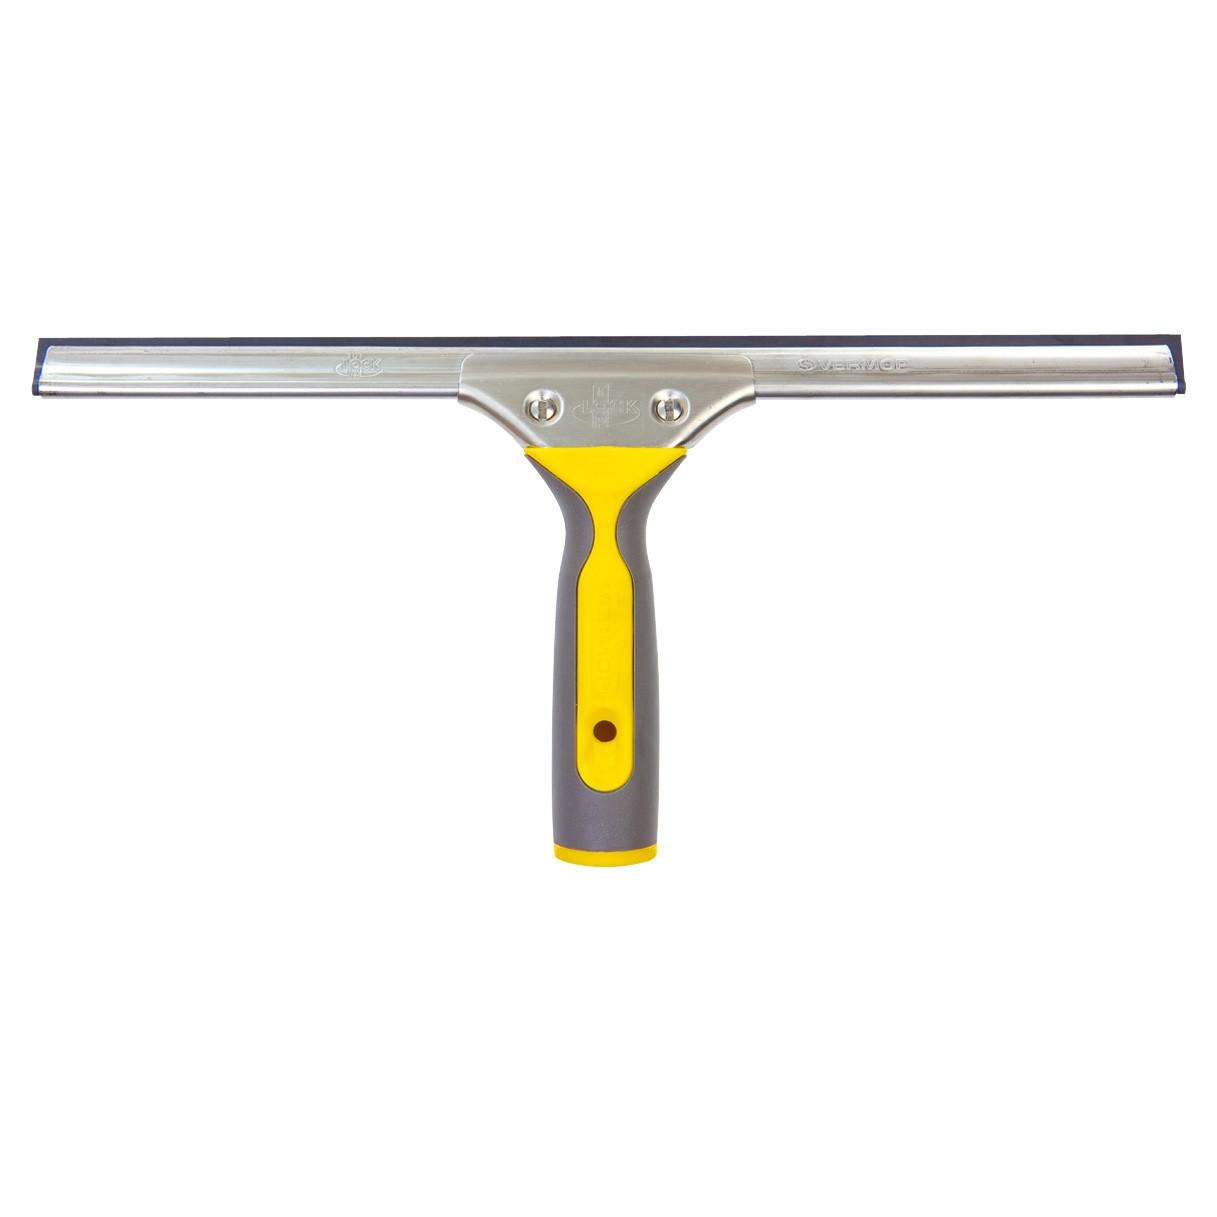 Для позбавлення від скла, склоочисник) LockHead Vermop 25 см